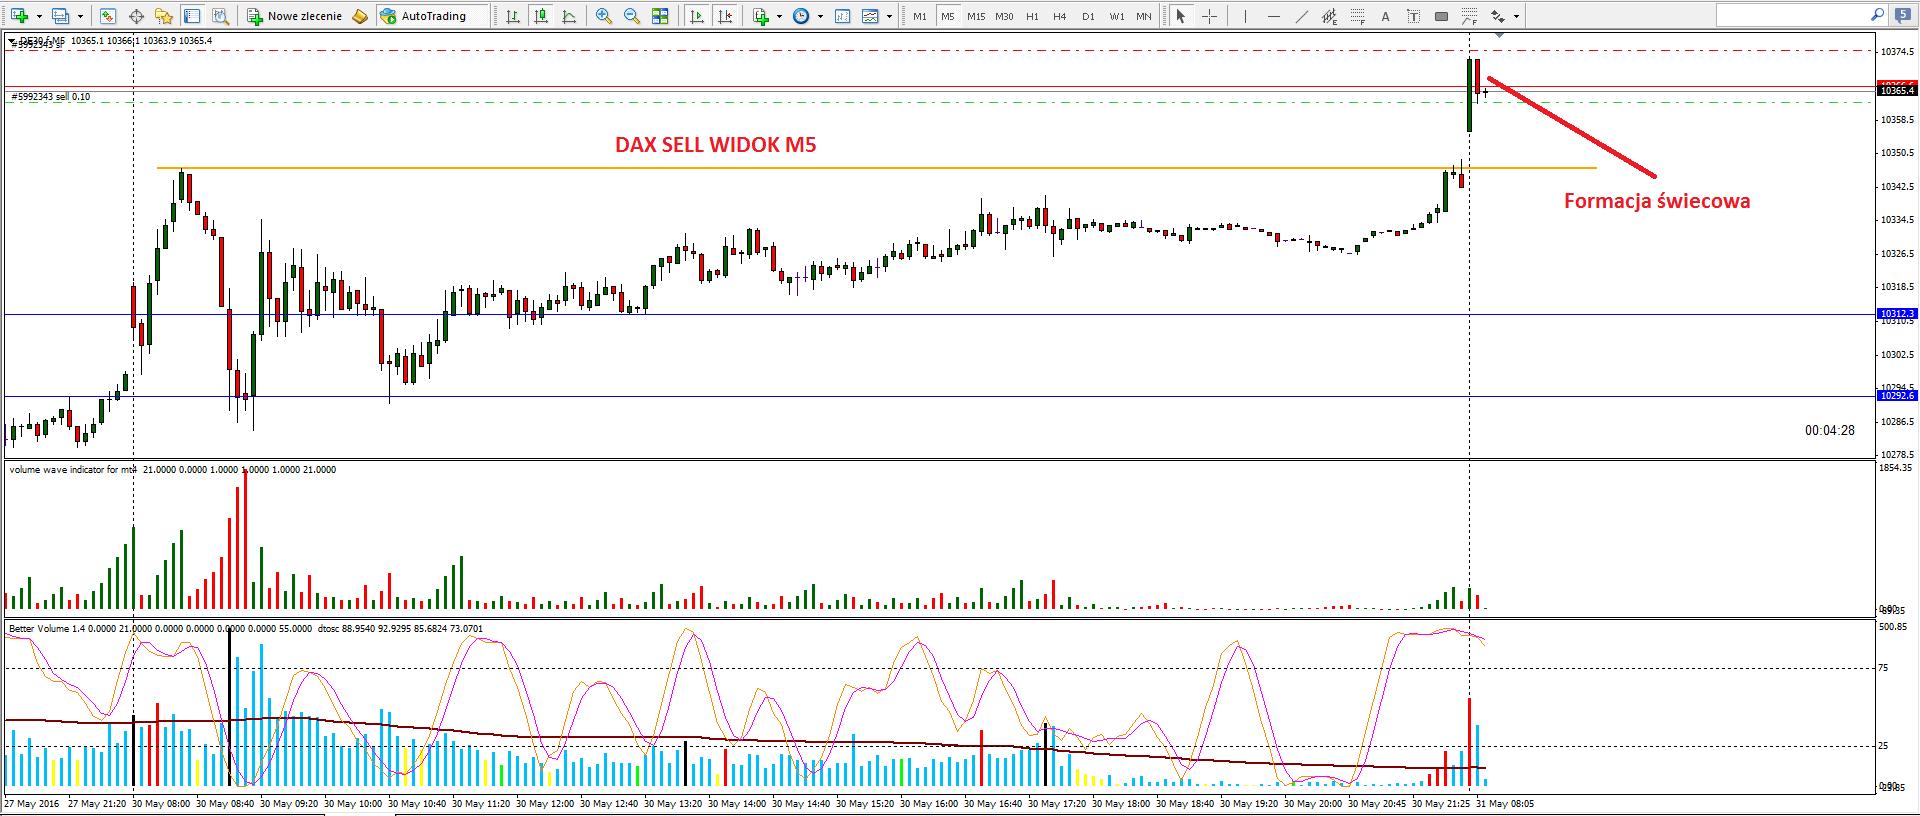 2-renko-scalping na renko-forex-skuteczna strategia-myforex-trader-trading-waluty-dax-prosta strategia tradingowa-broker-sukces-wolumen-vsa-świece japońskie-trading